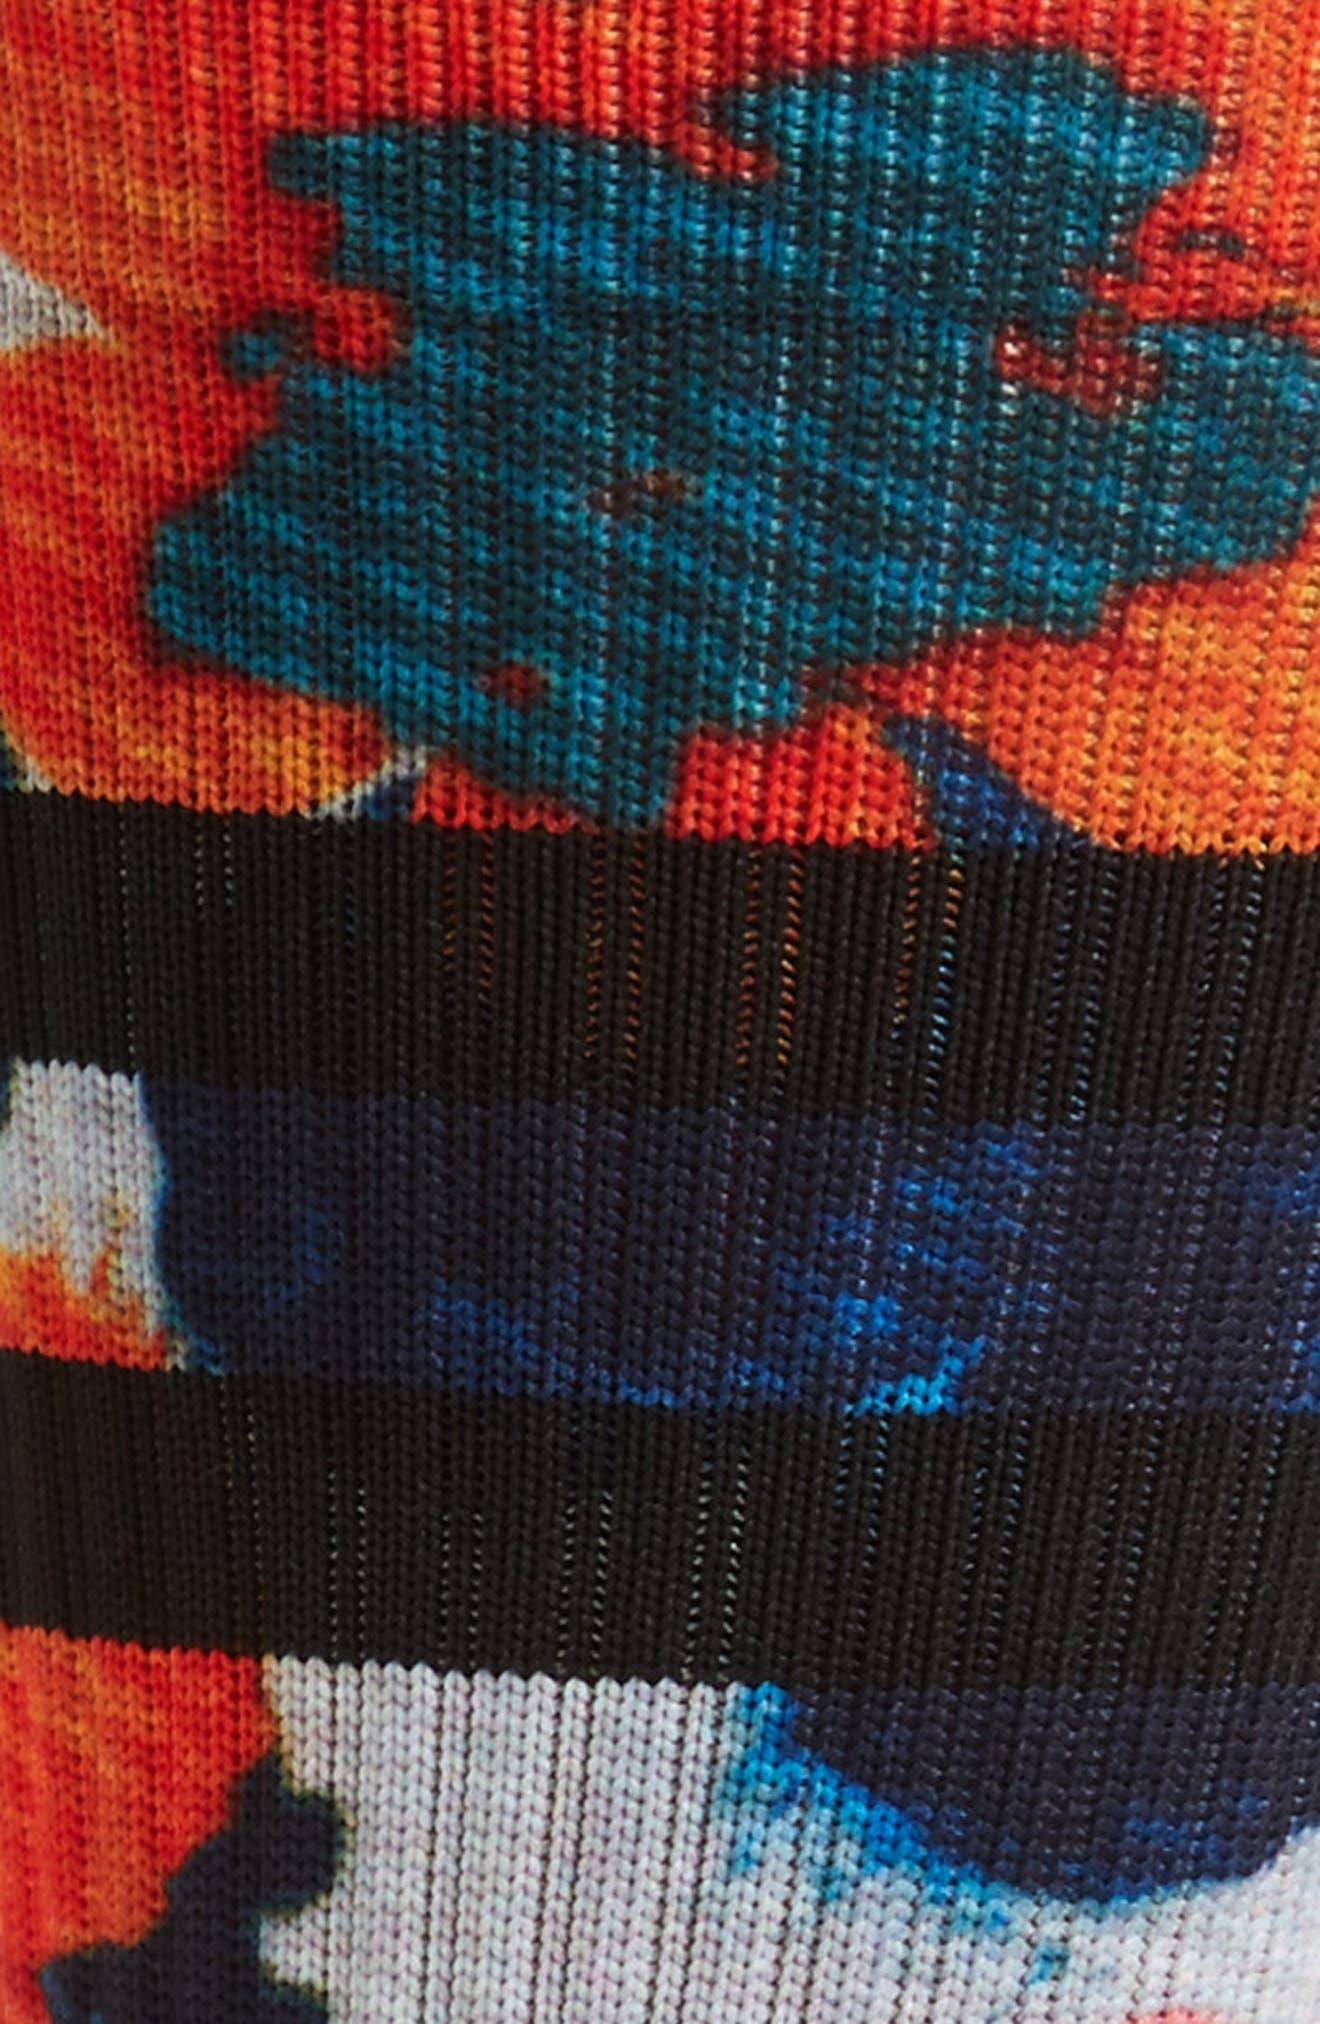 Frangipani Floral Socks,                             Alternate thumbnail 2, color,                             010